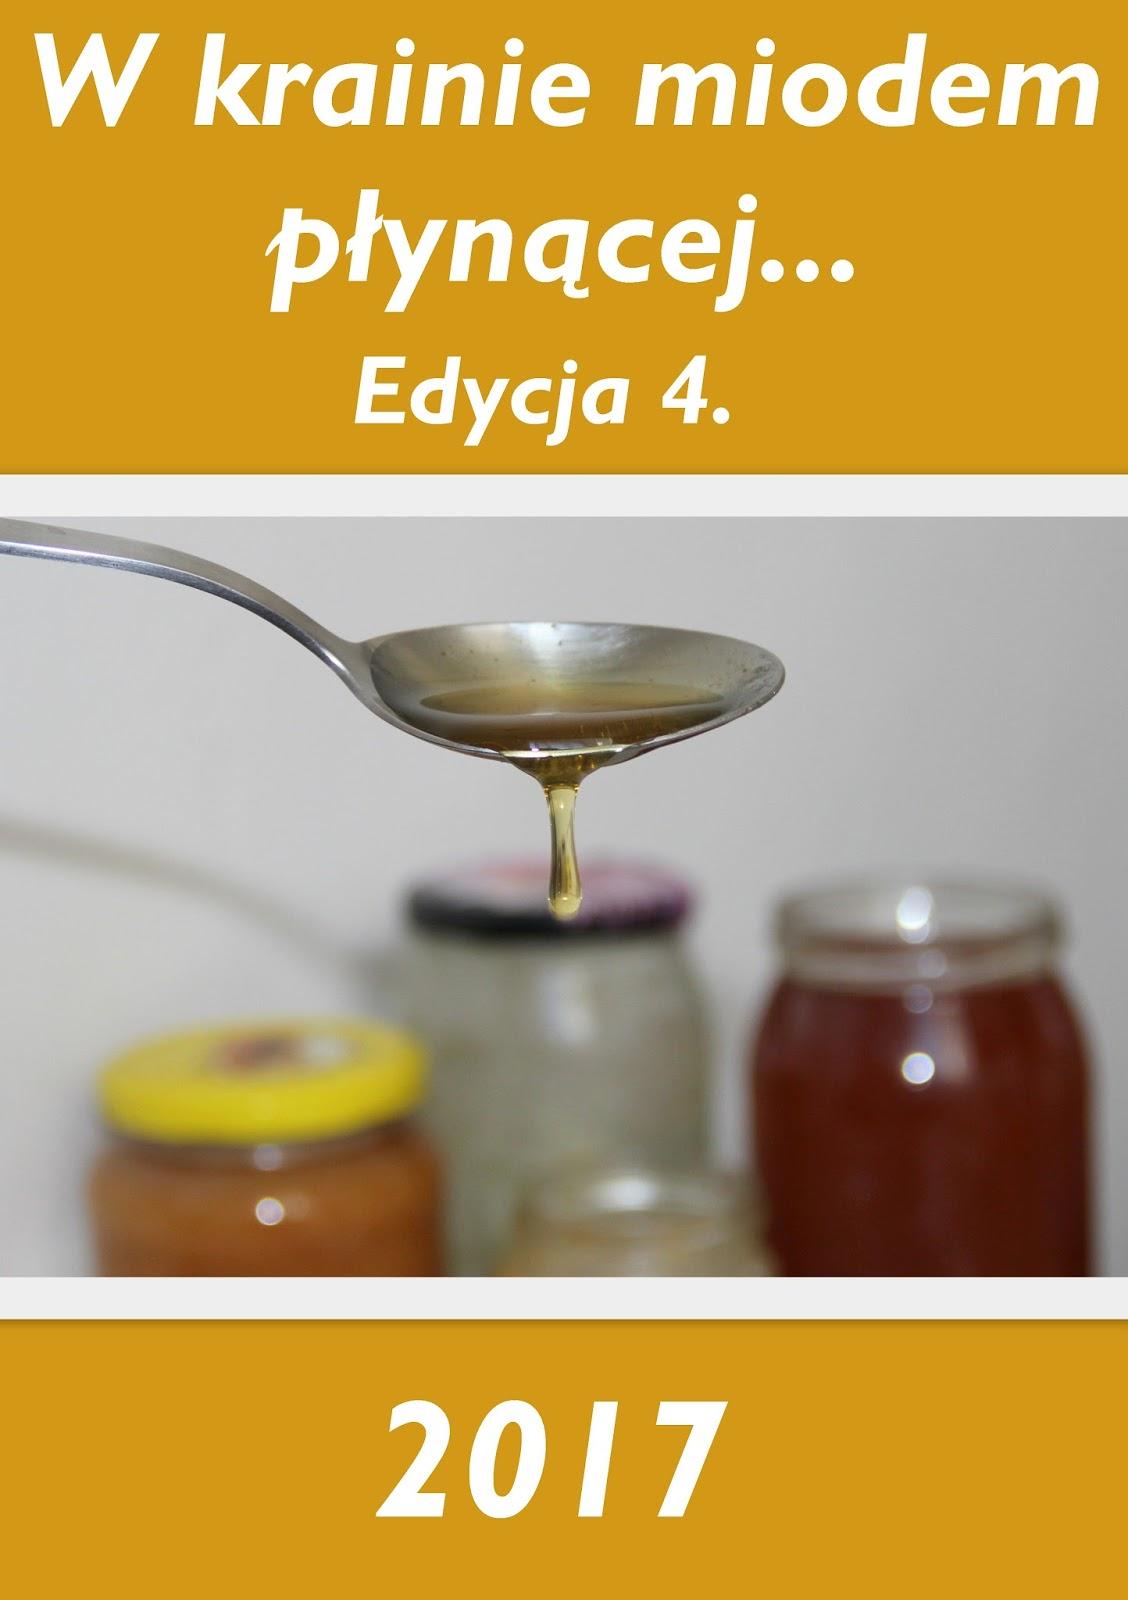 http://weekendywdomuiogrodzie.blogspot.com/2017/06/w-krainie-miodem-pynacej-4-zaproszenie.html